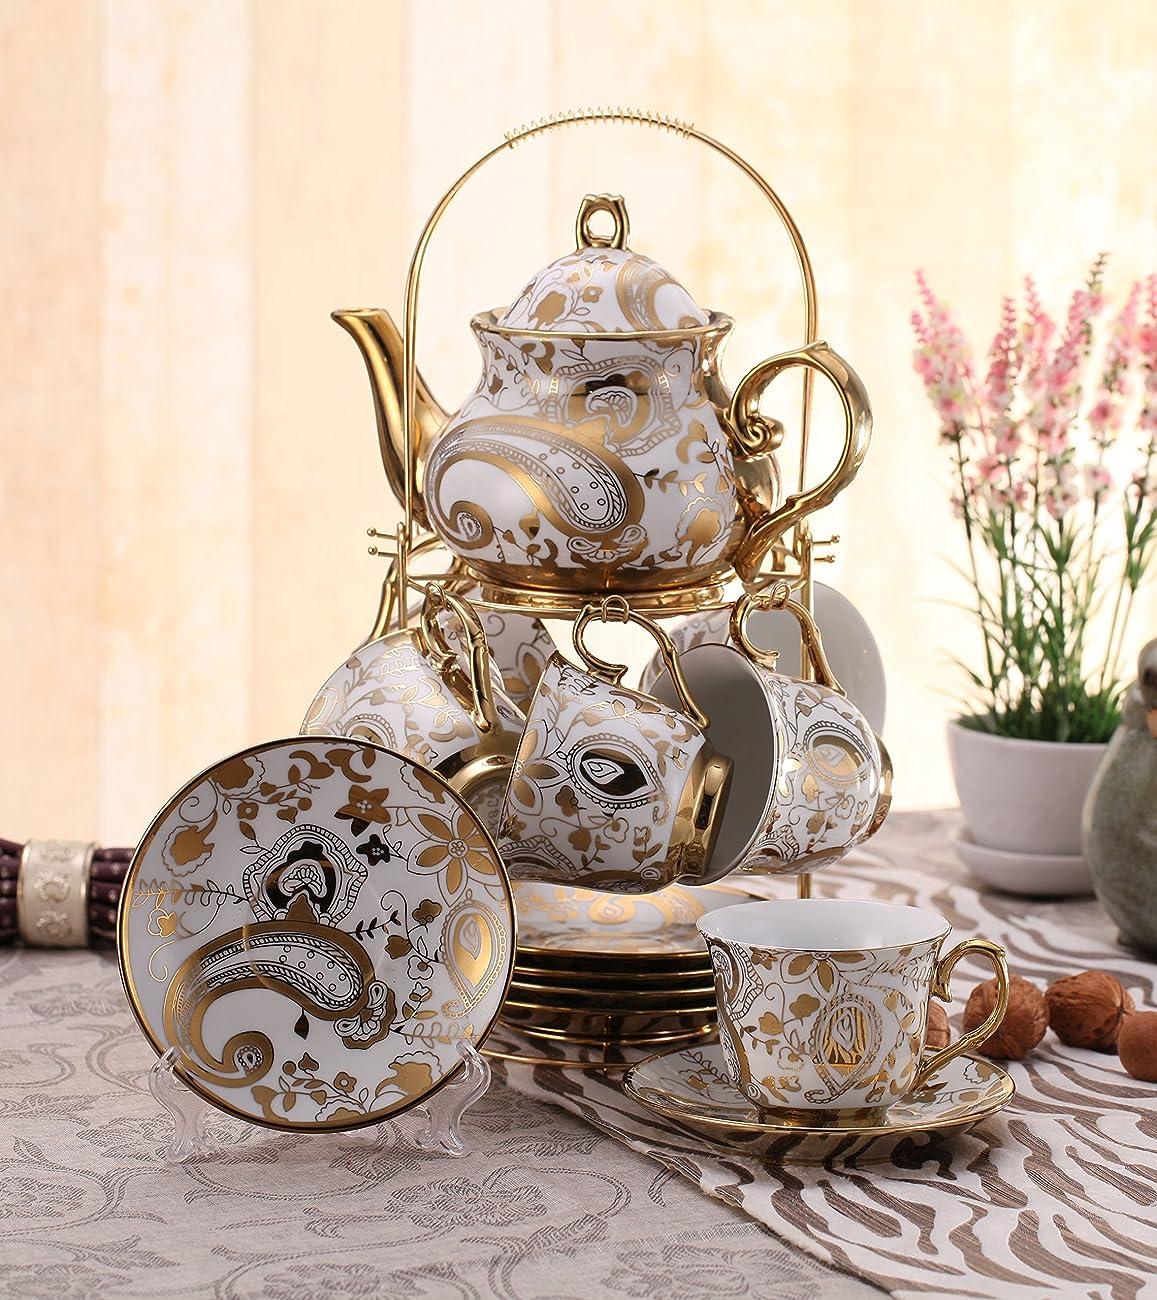 ufengkeWhite And Gold Flower 13 European Retro Titanium Ceramic Tea Set Tea Service For Wedding 0